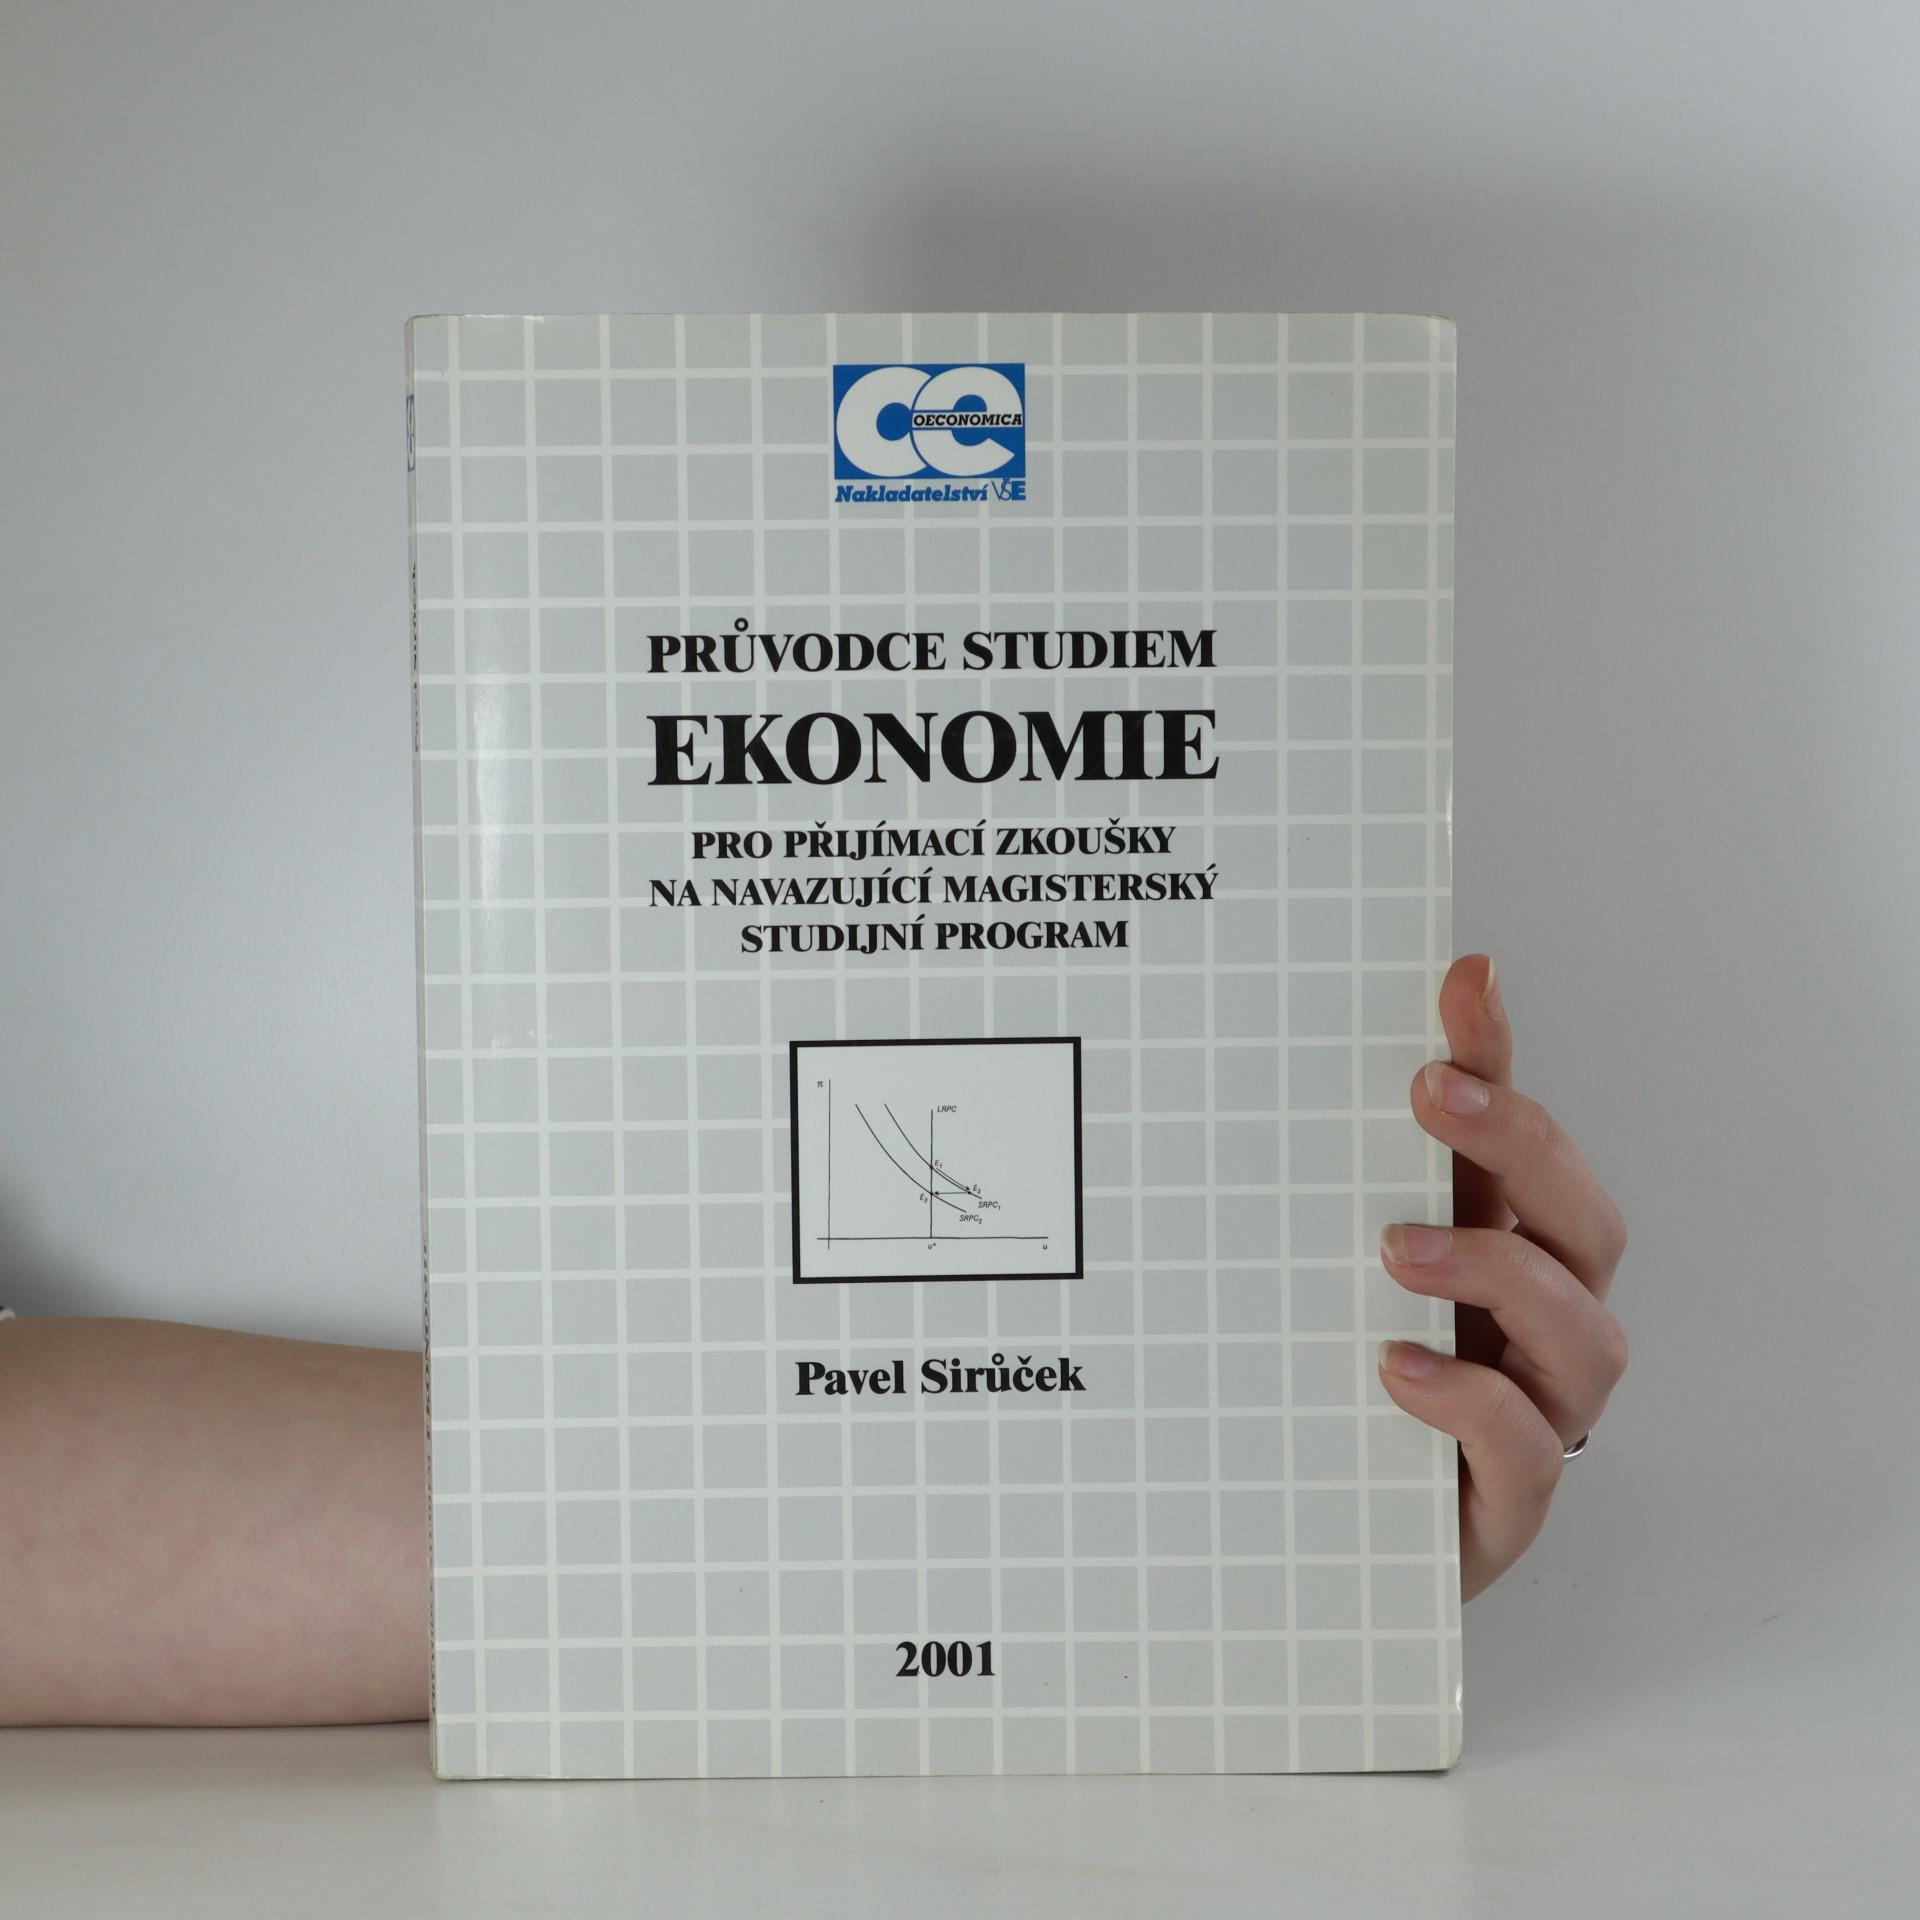 antikvární kniha Průvodce studiem ekonomie pro přijímací zkoušky na navazující magisterský studijní program, 2001